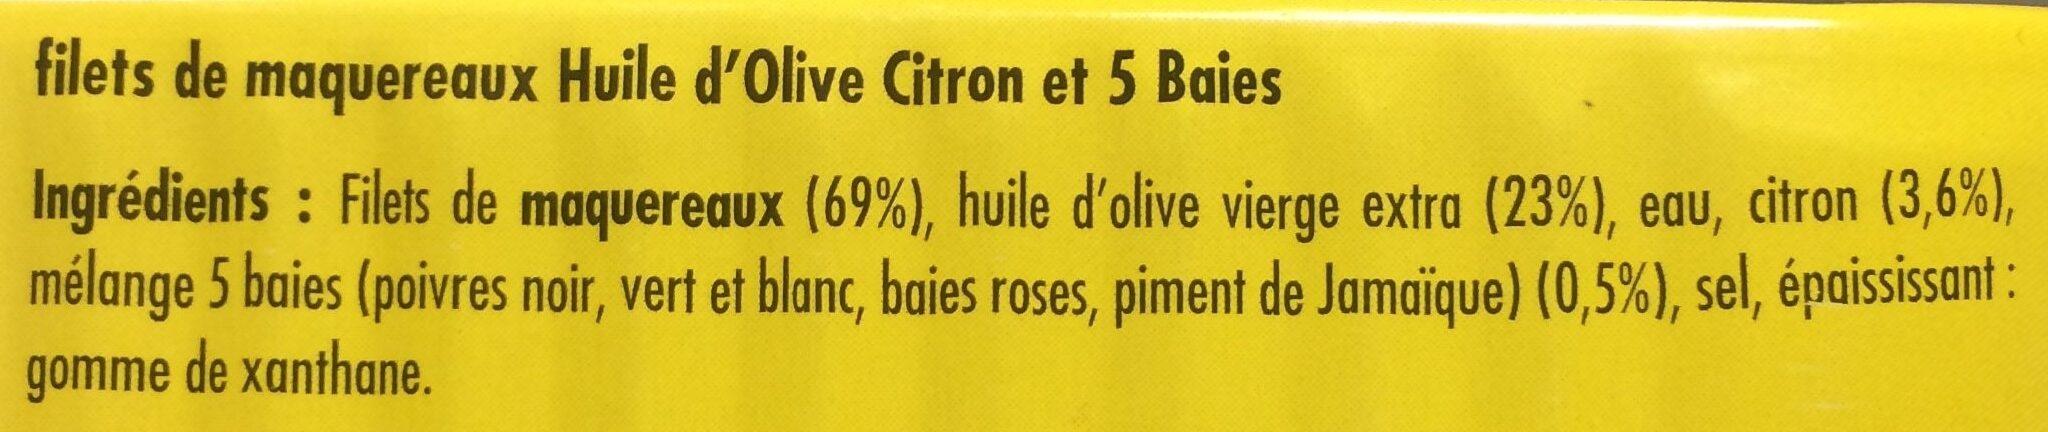 Melange Orange Et Rose filets de maquereaux huile d'olive, citron et 5 baies - la